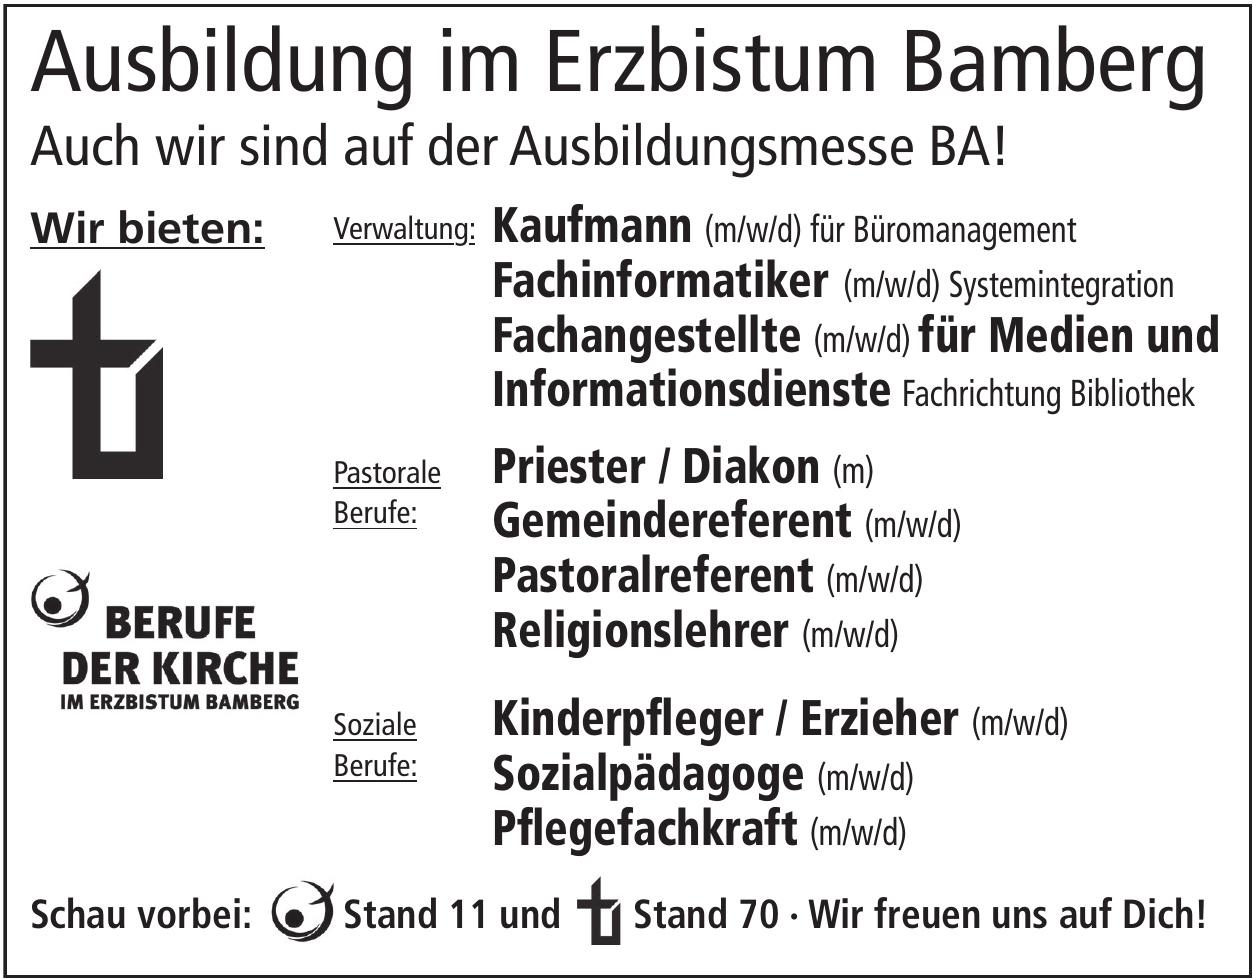 Ausbildung im Erzbistum Bamberg